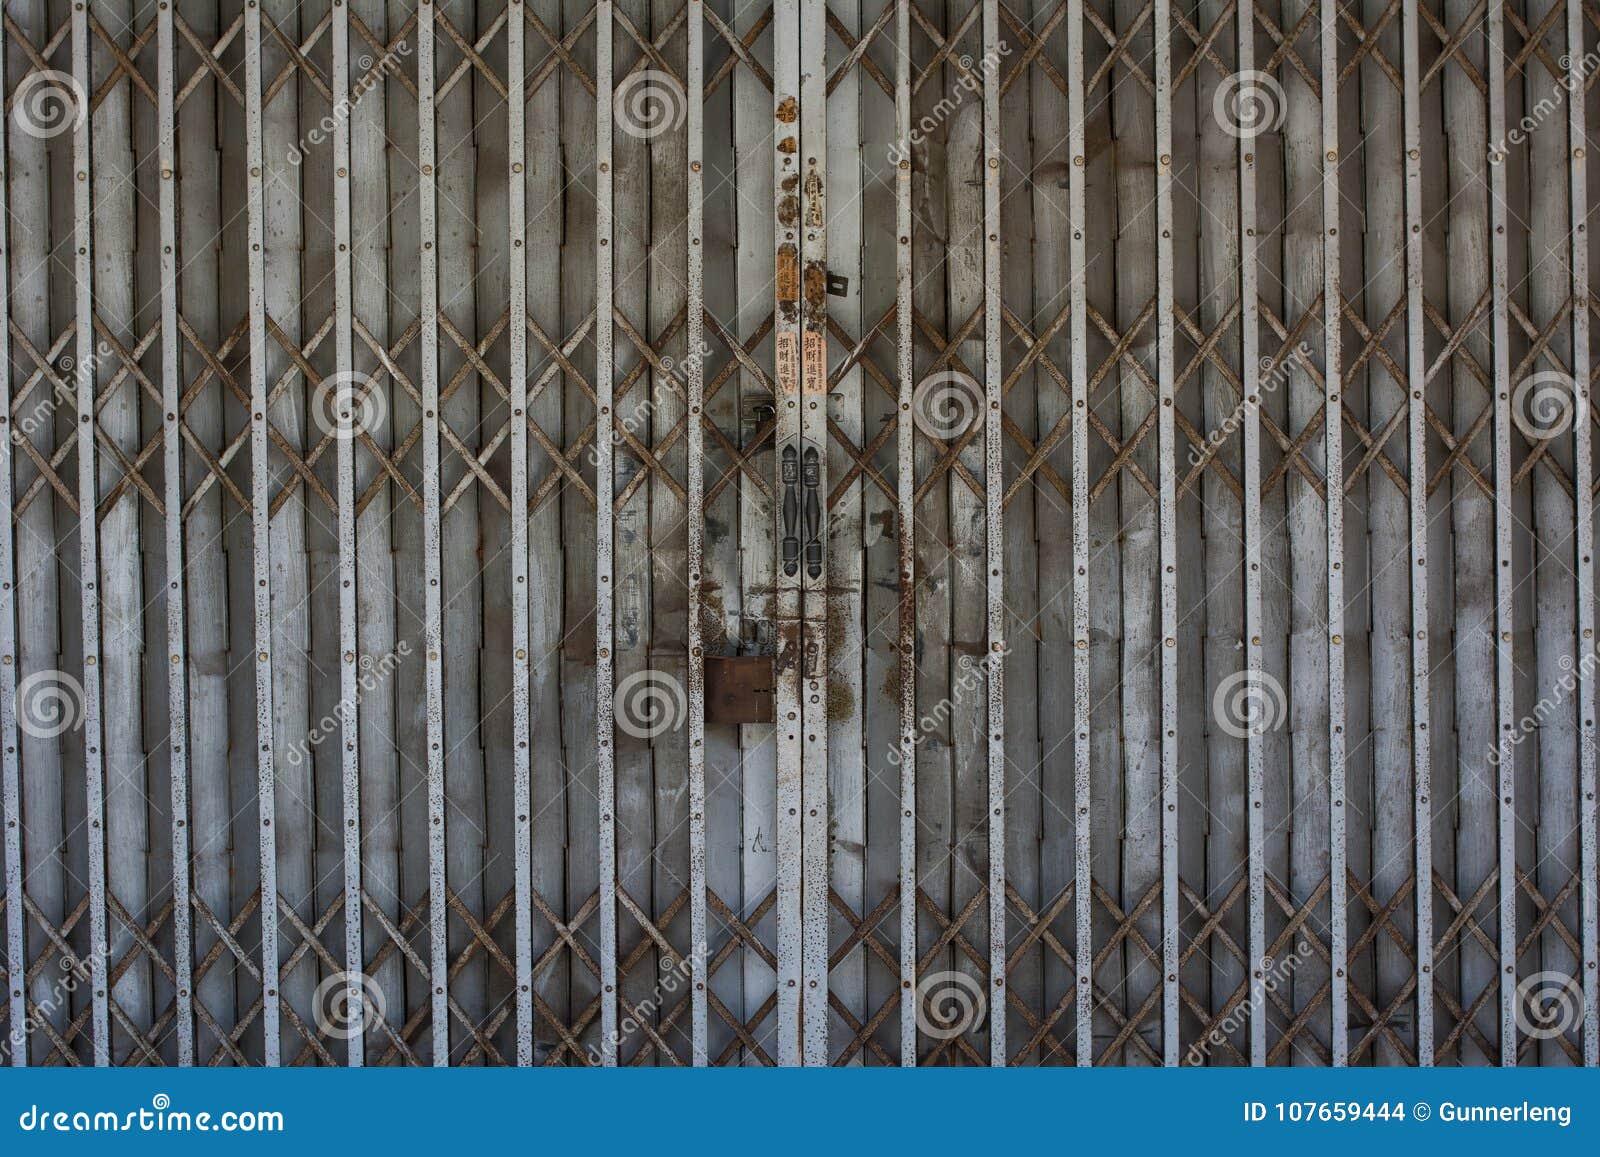 Rustic Metal Sliding Door Stock Photo Image Of Front 107659444